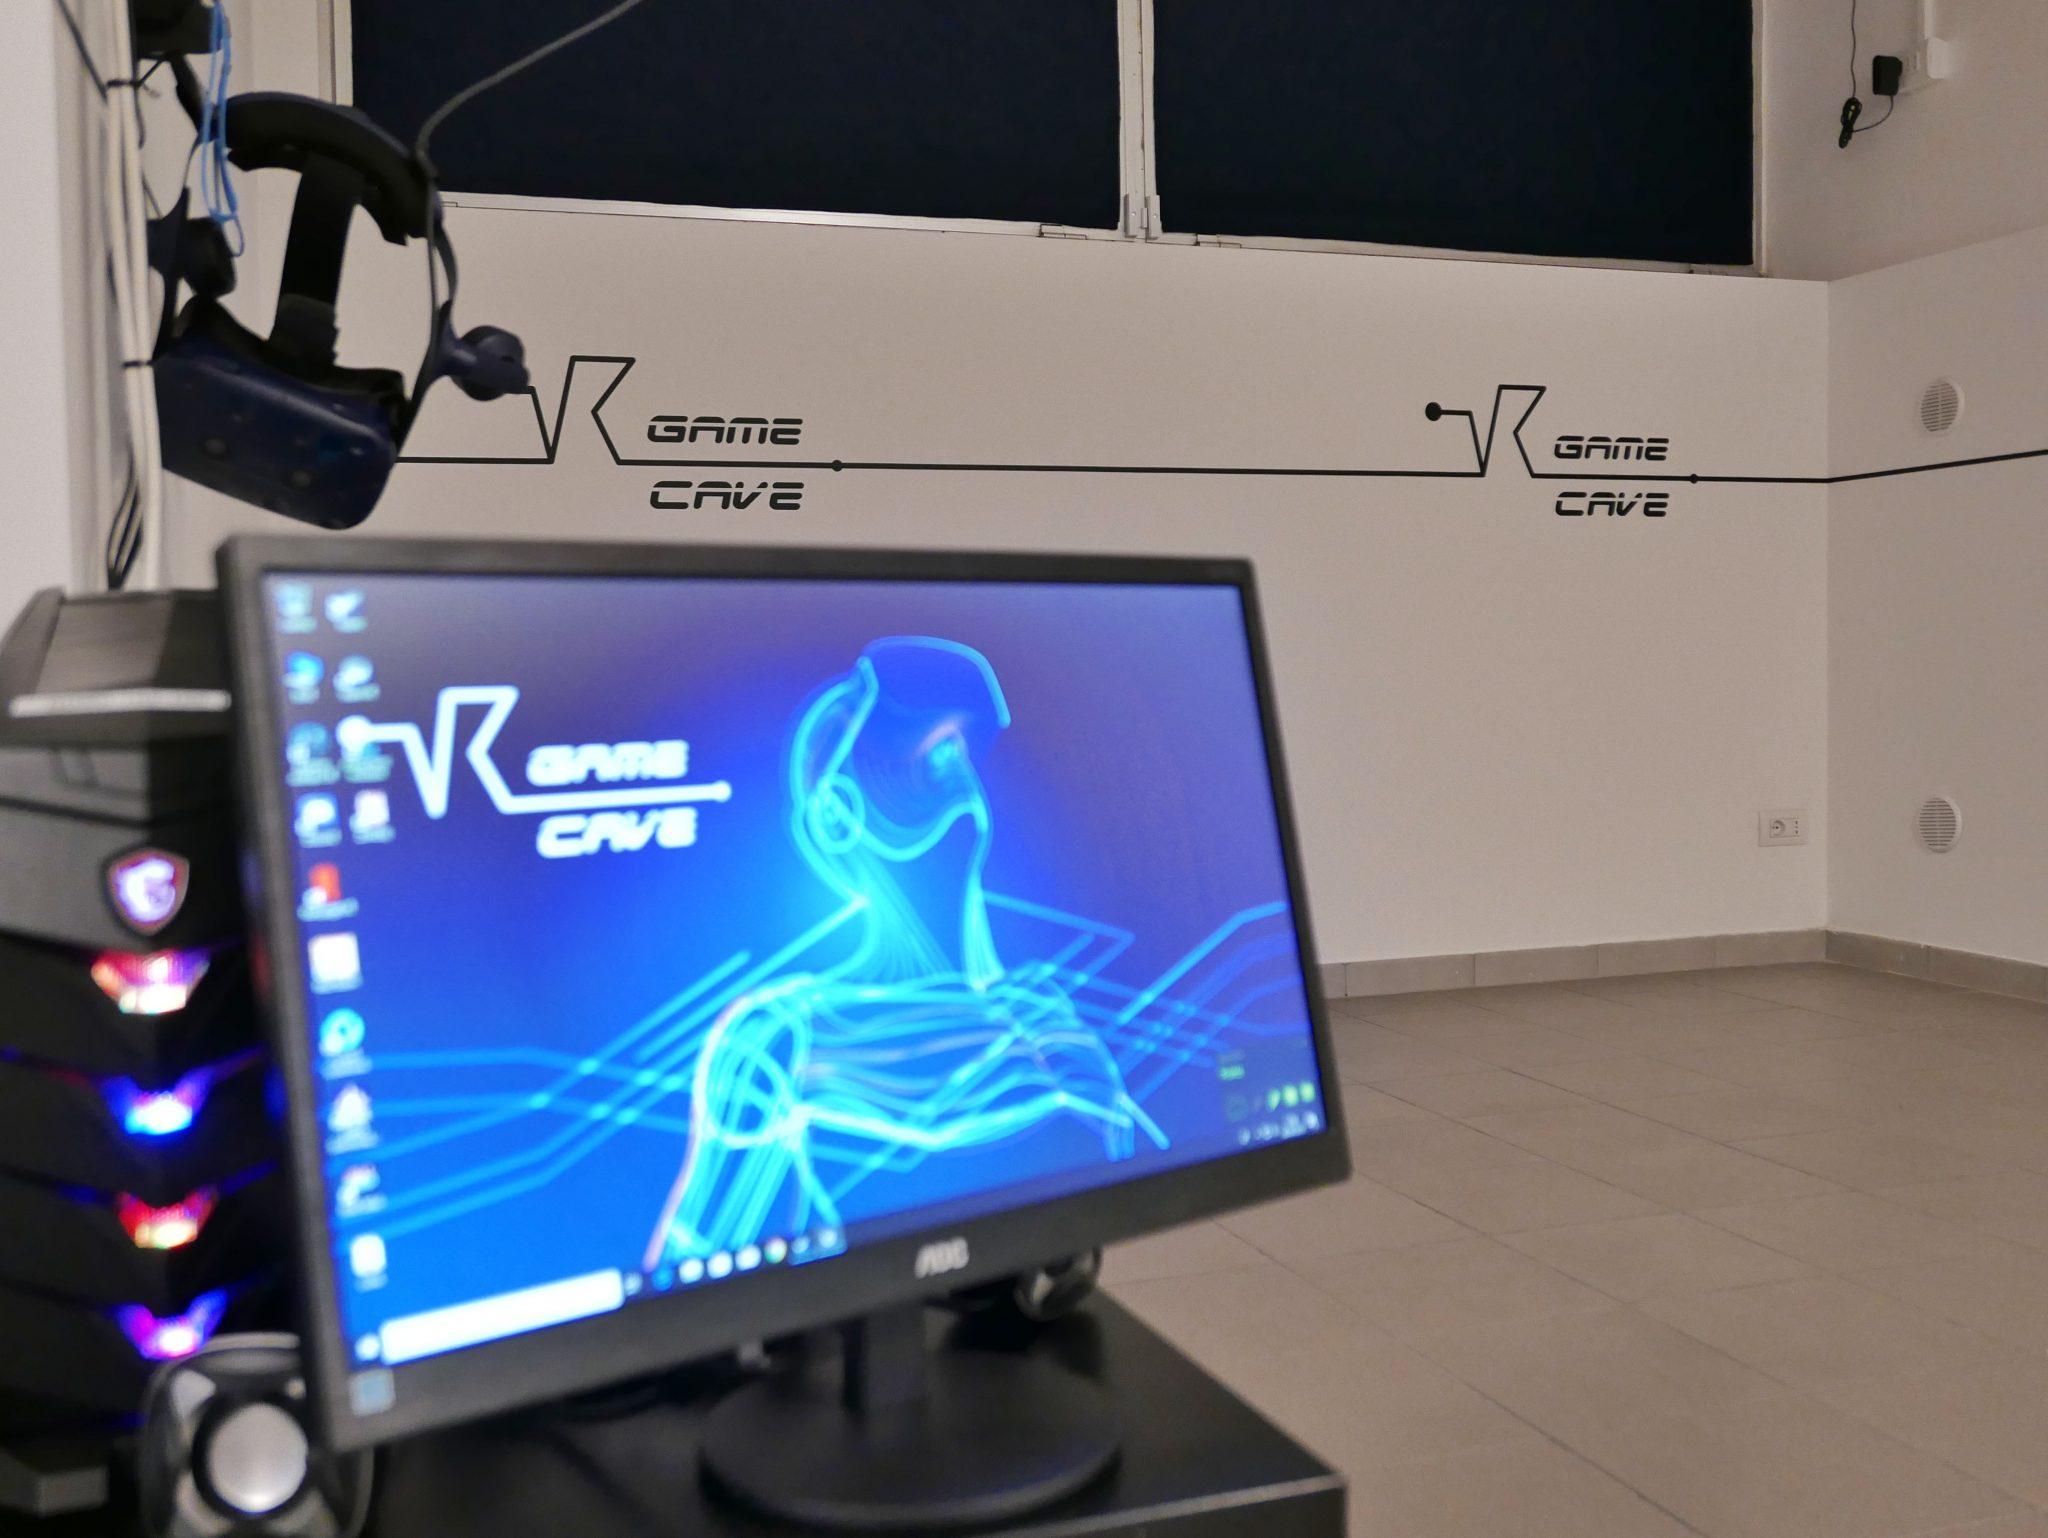 vr game cave realtà virtuale milano benessere tecnologico psicologia laura fasano sala giochi simulatore